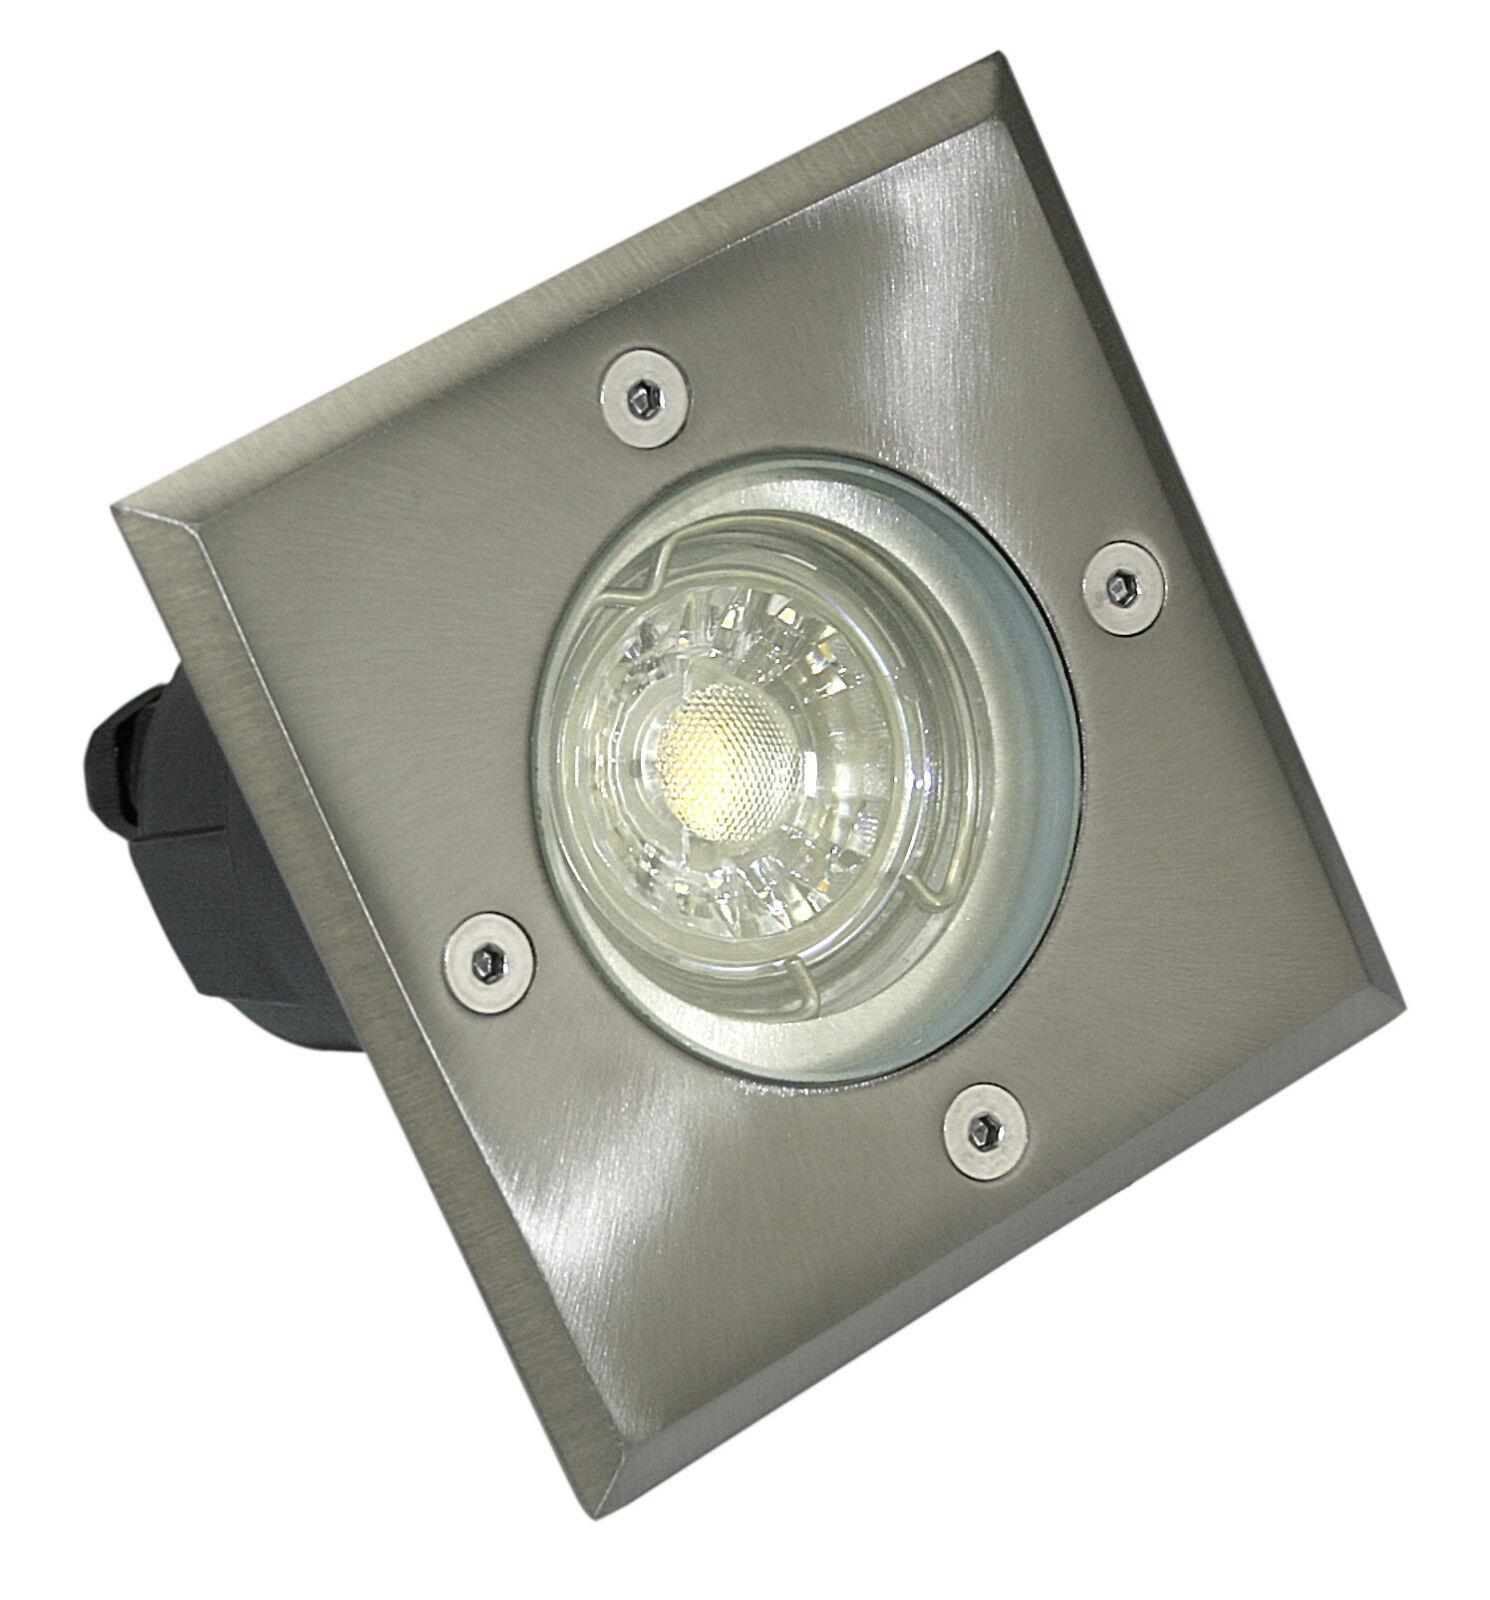 Boden Einbau Beleuchtung Bodo Aussen IP67 Geh Weg Spot Edelstahl Lampe 3W LED